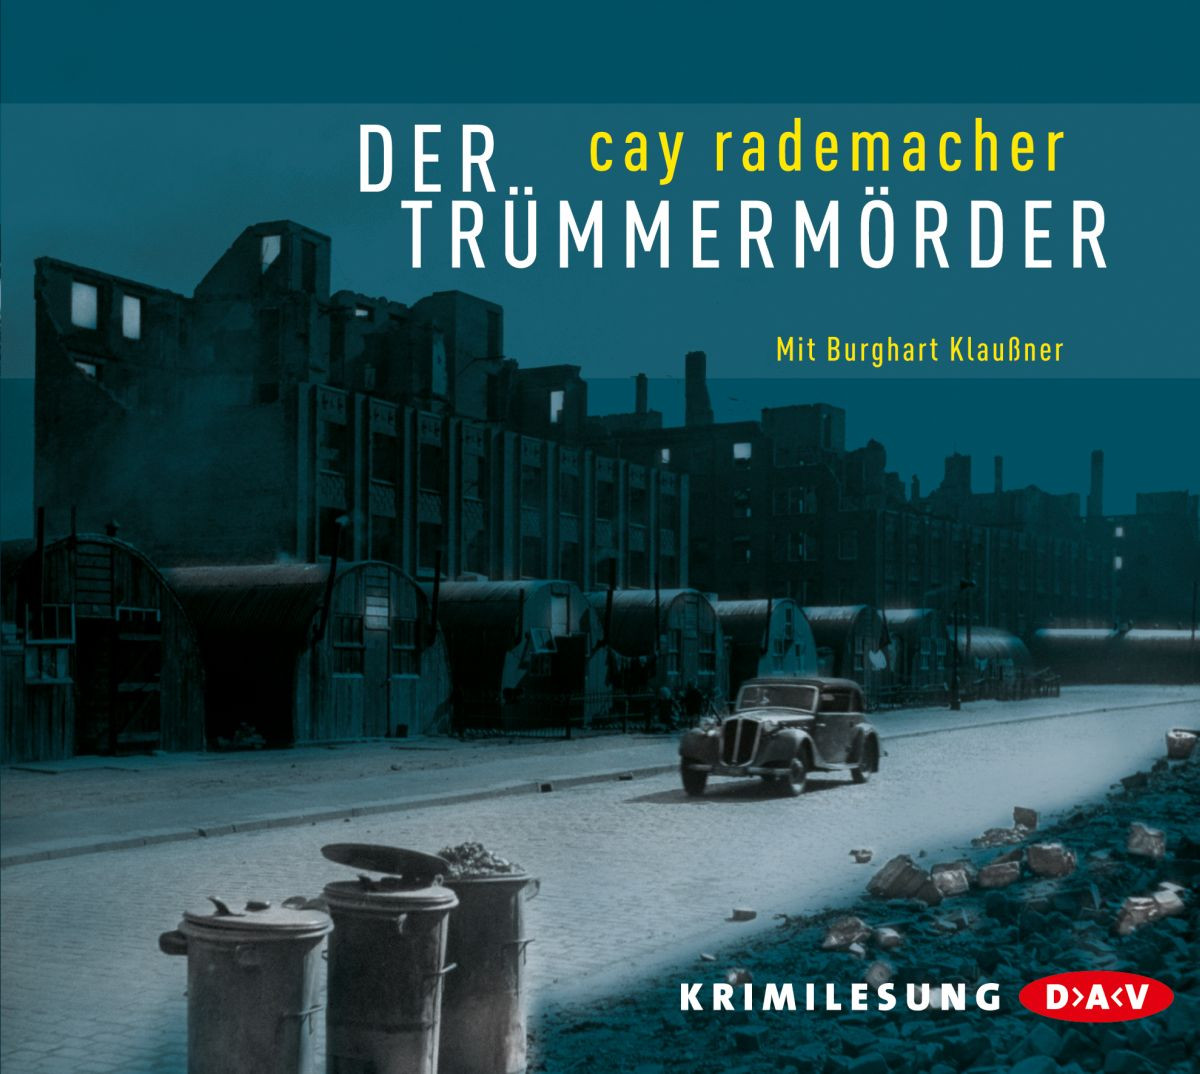 Cay Rademacher - Der Trümmermörder